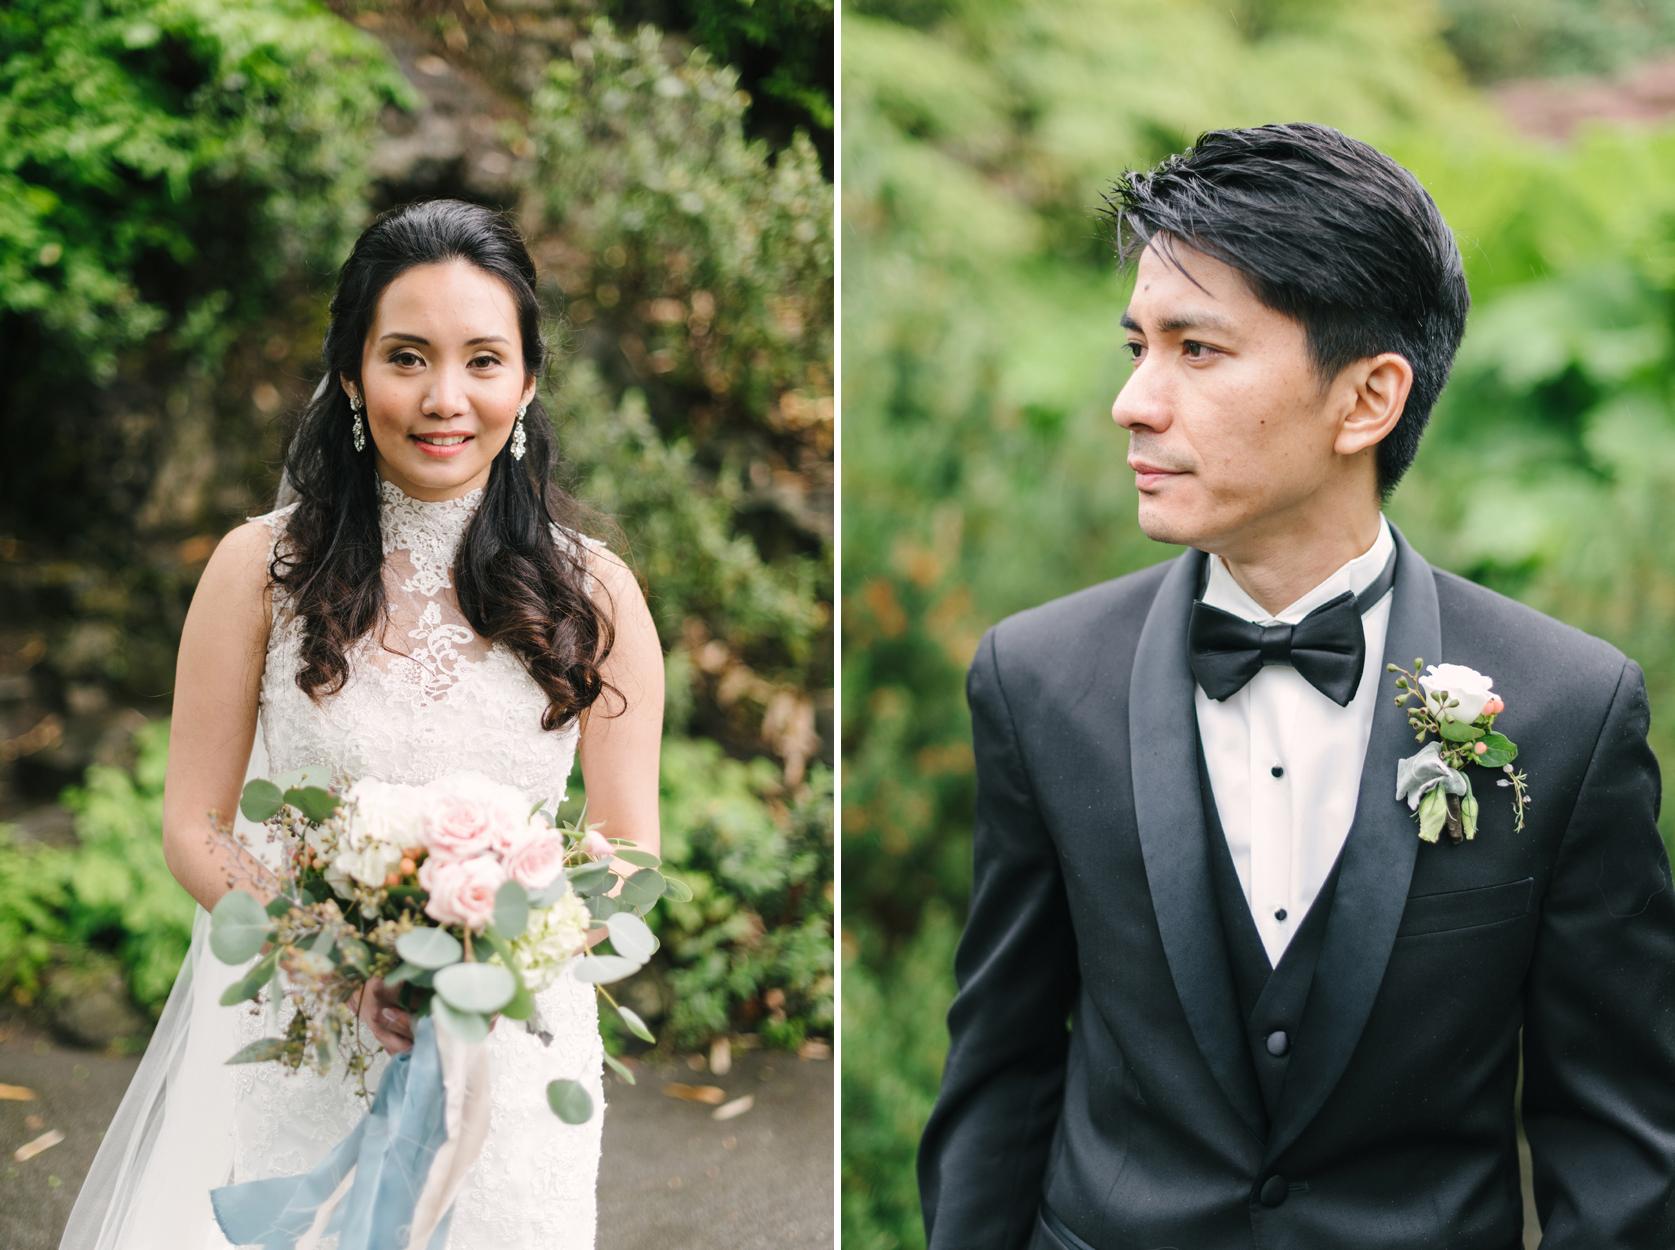 vancouver-weddings-29.jpg